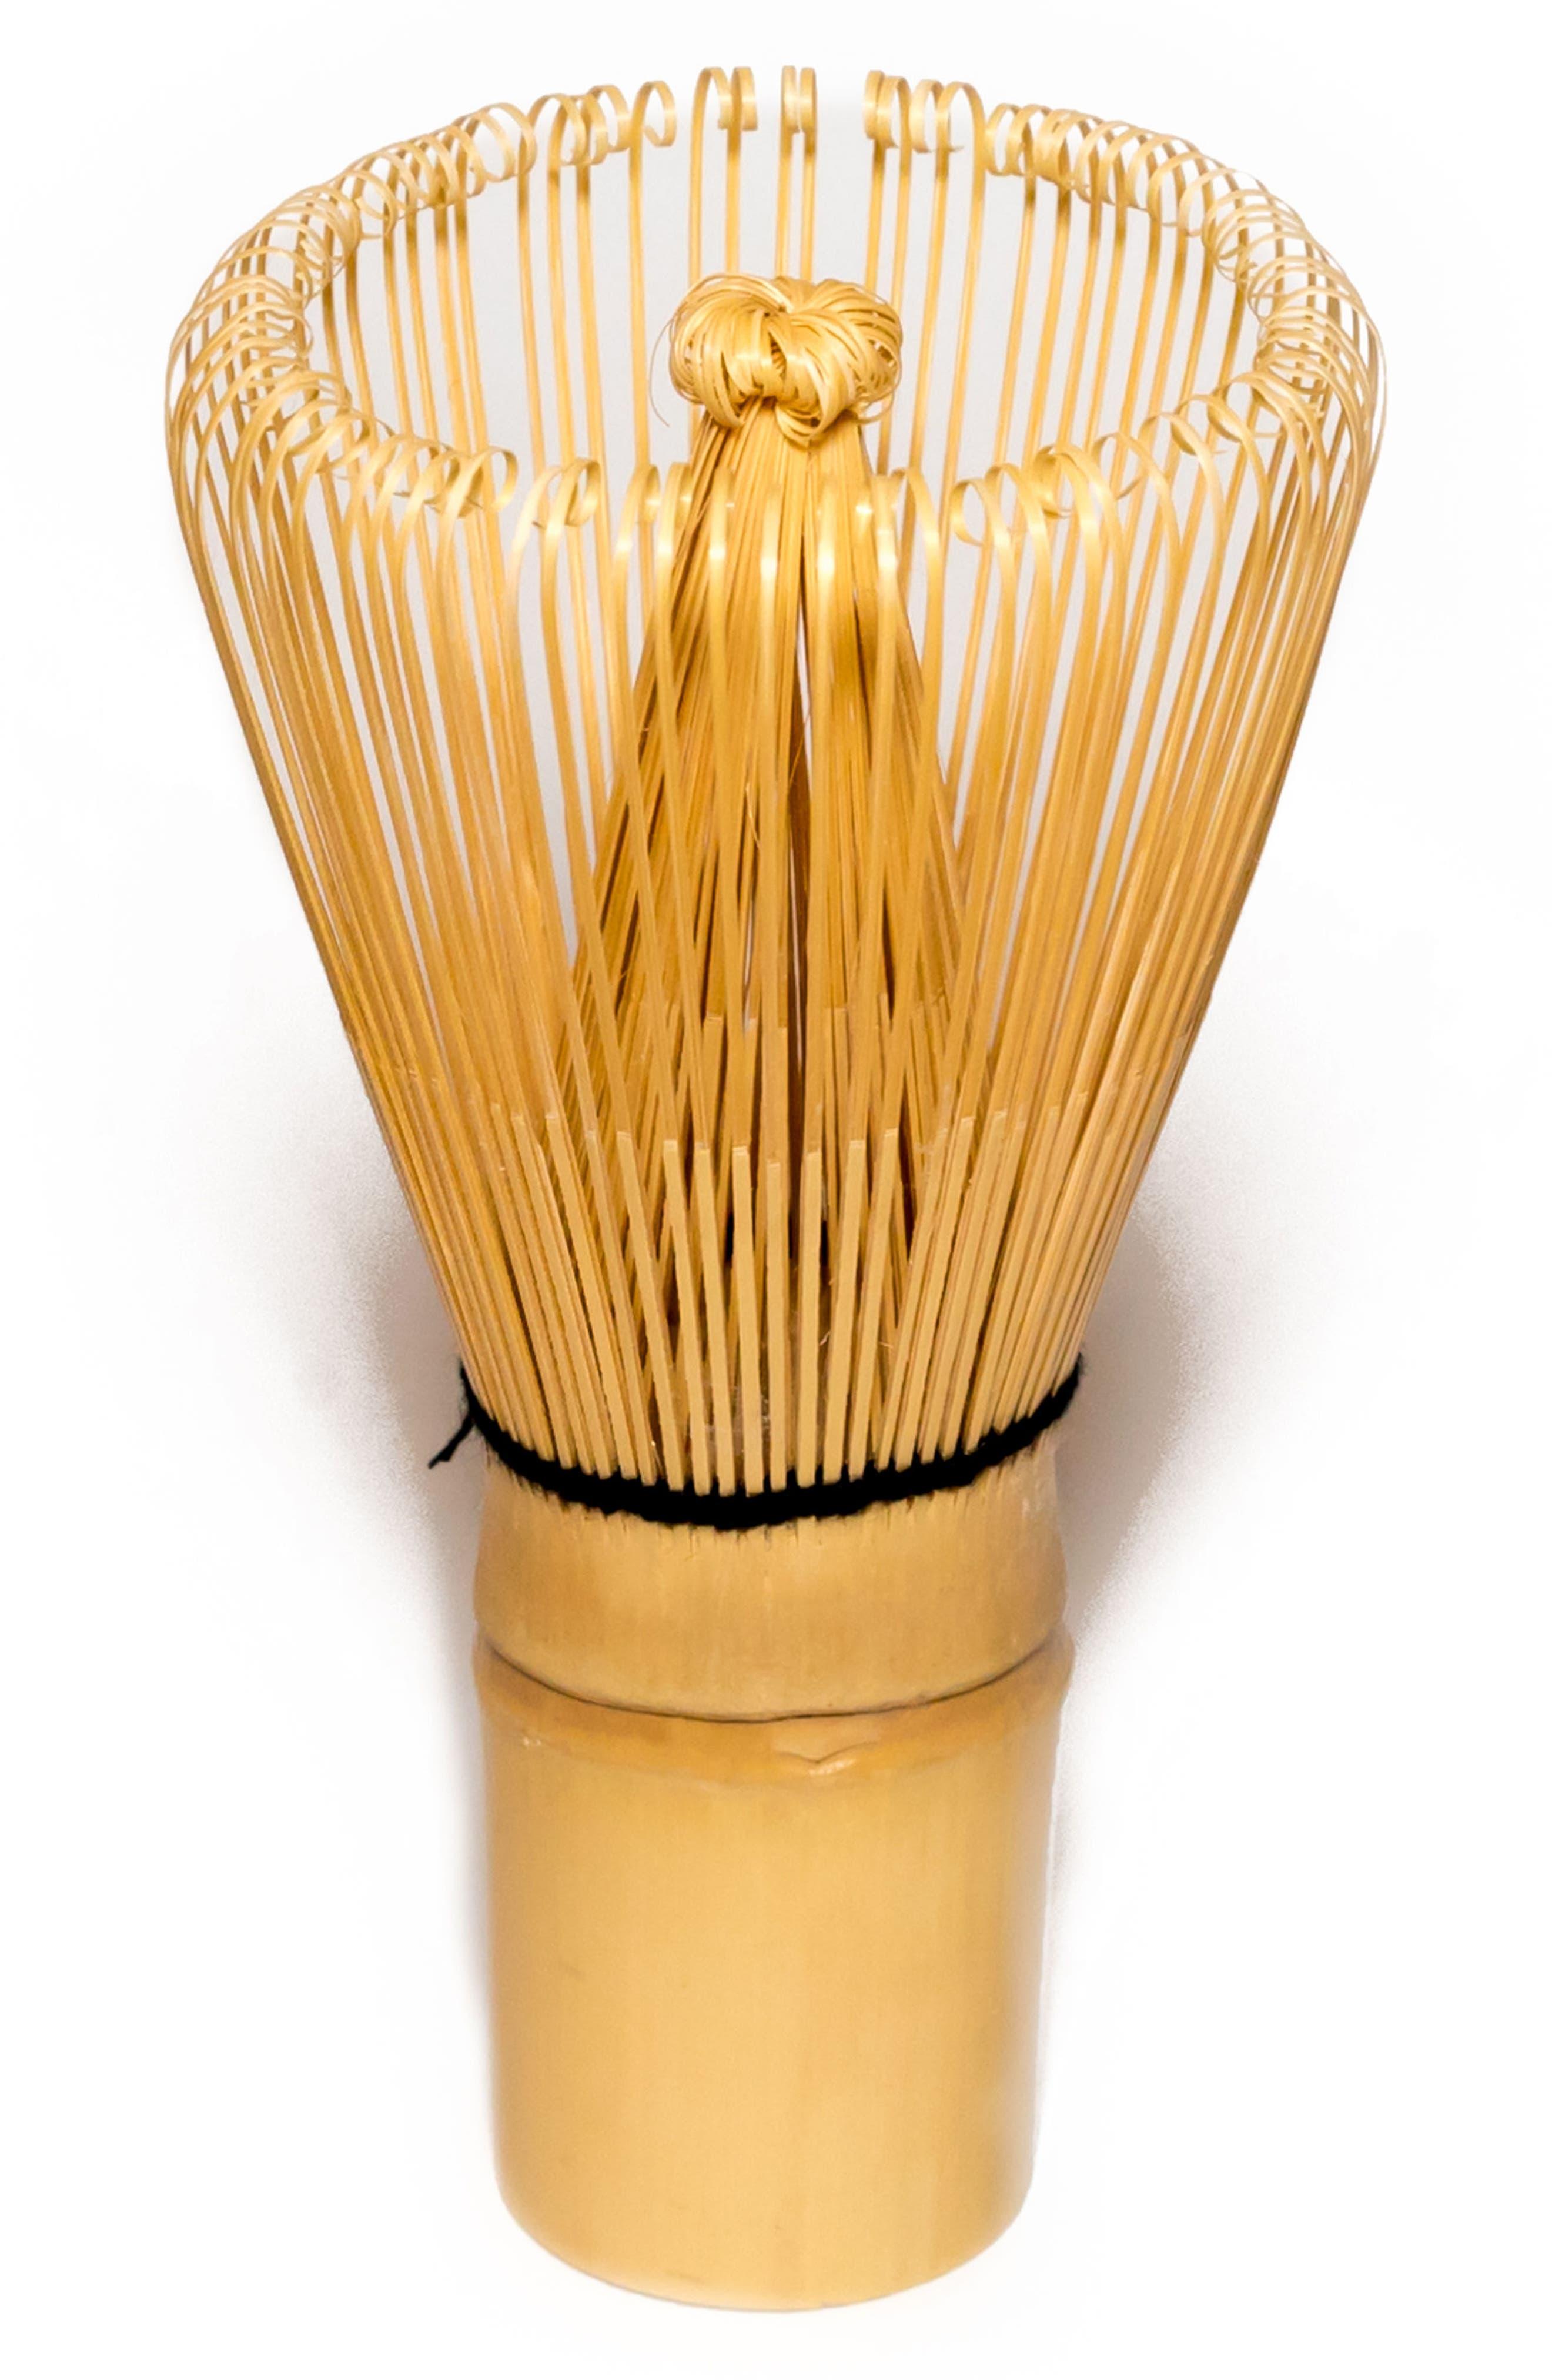 100 Prong Bamboo Matcha Whisk,                             Main thumbnail 1, color,                             No Color